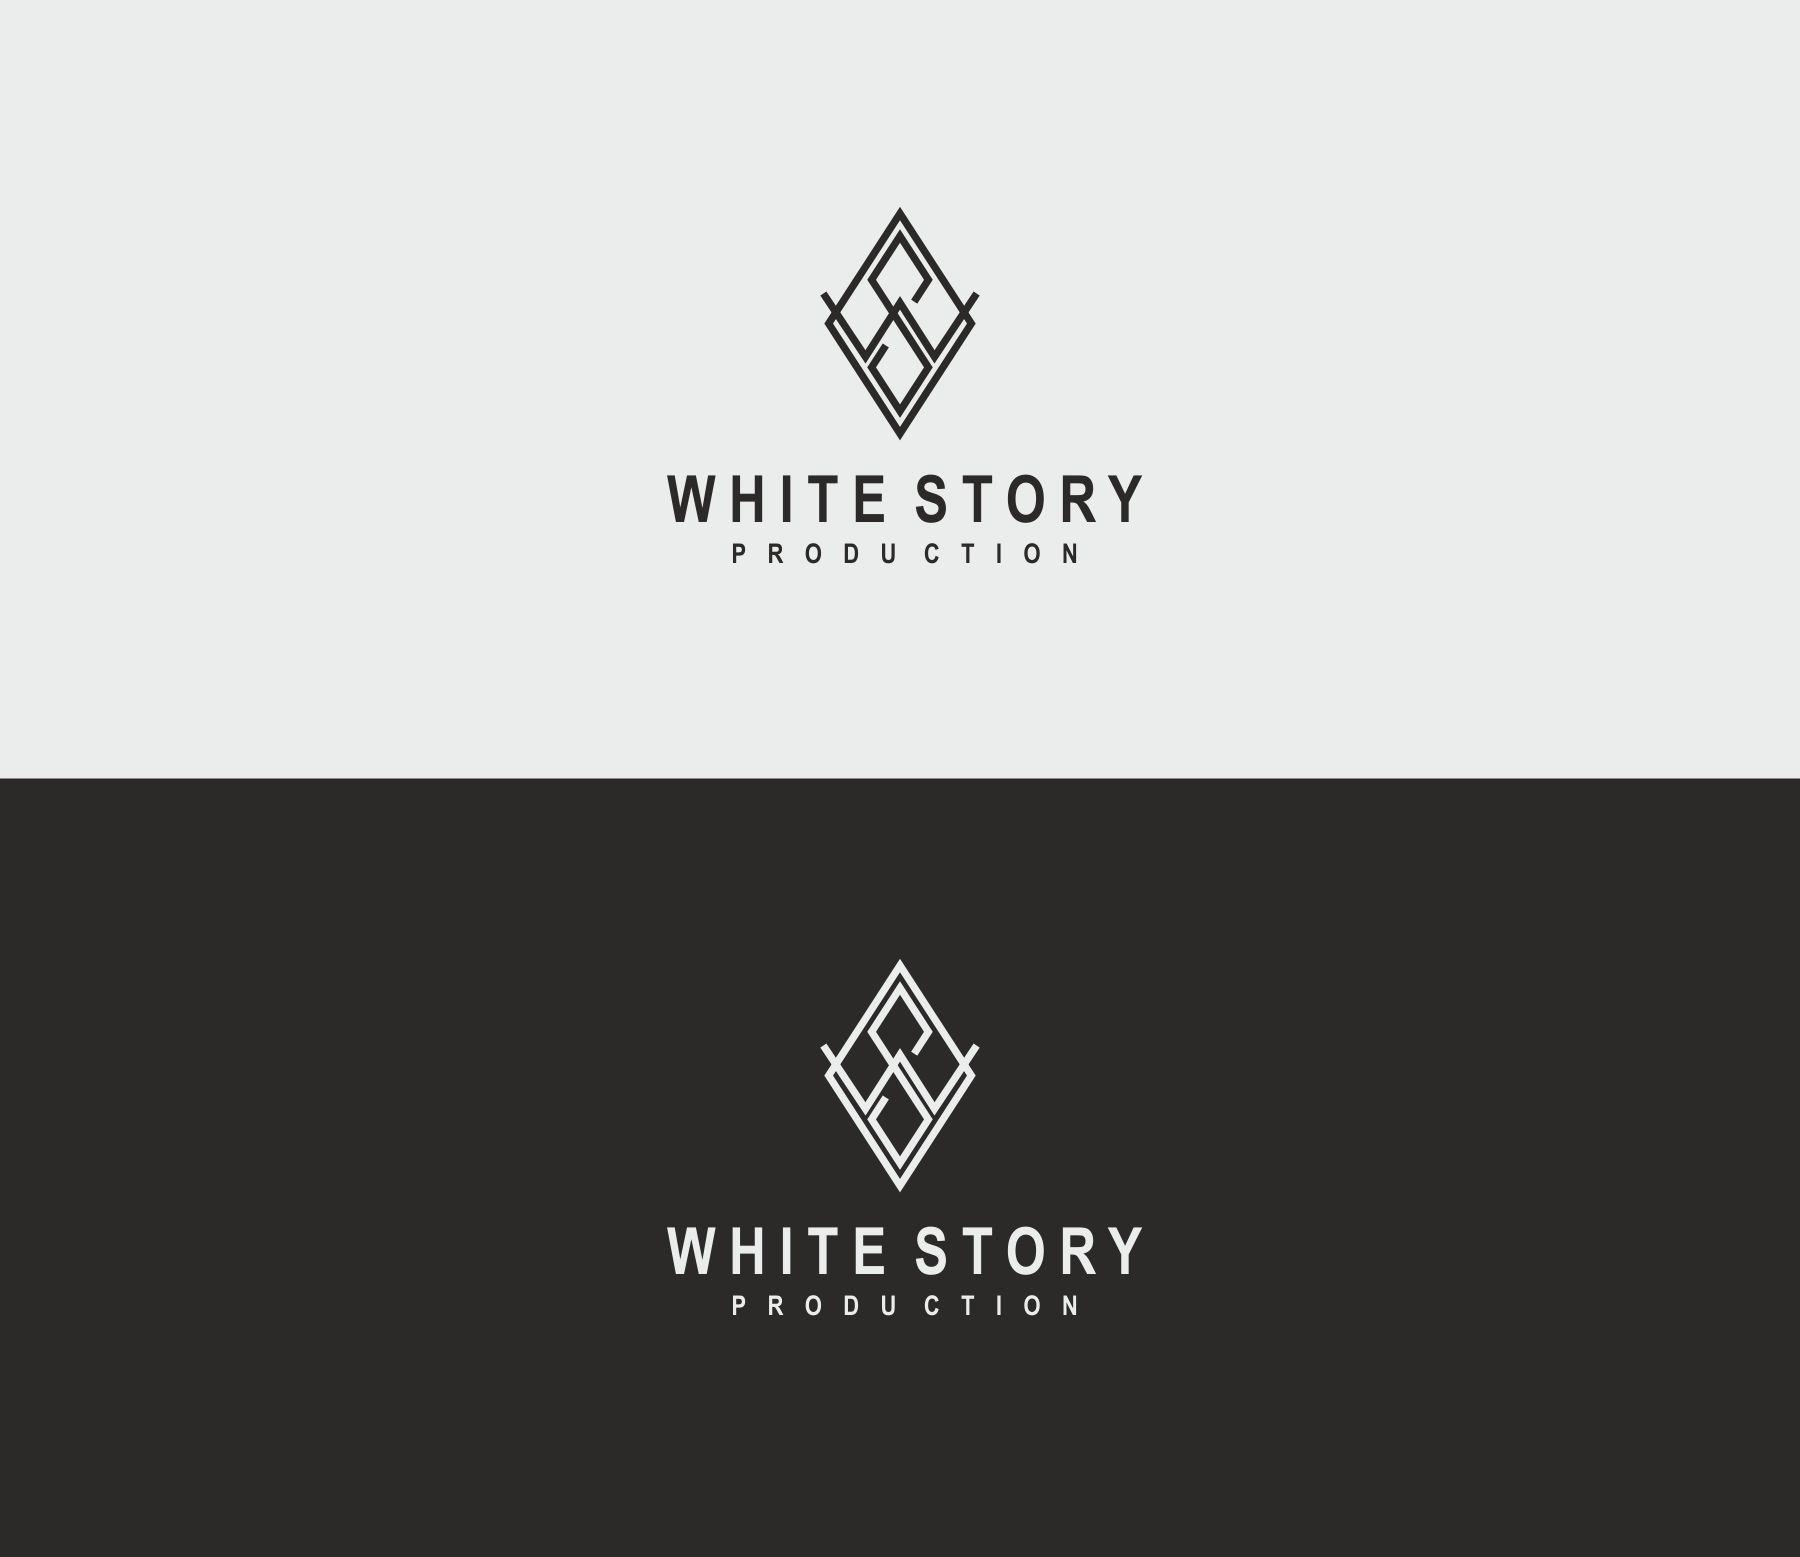 Логотип для Логотип для Фото и Видео продакшена - дизайнер luishamilton